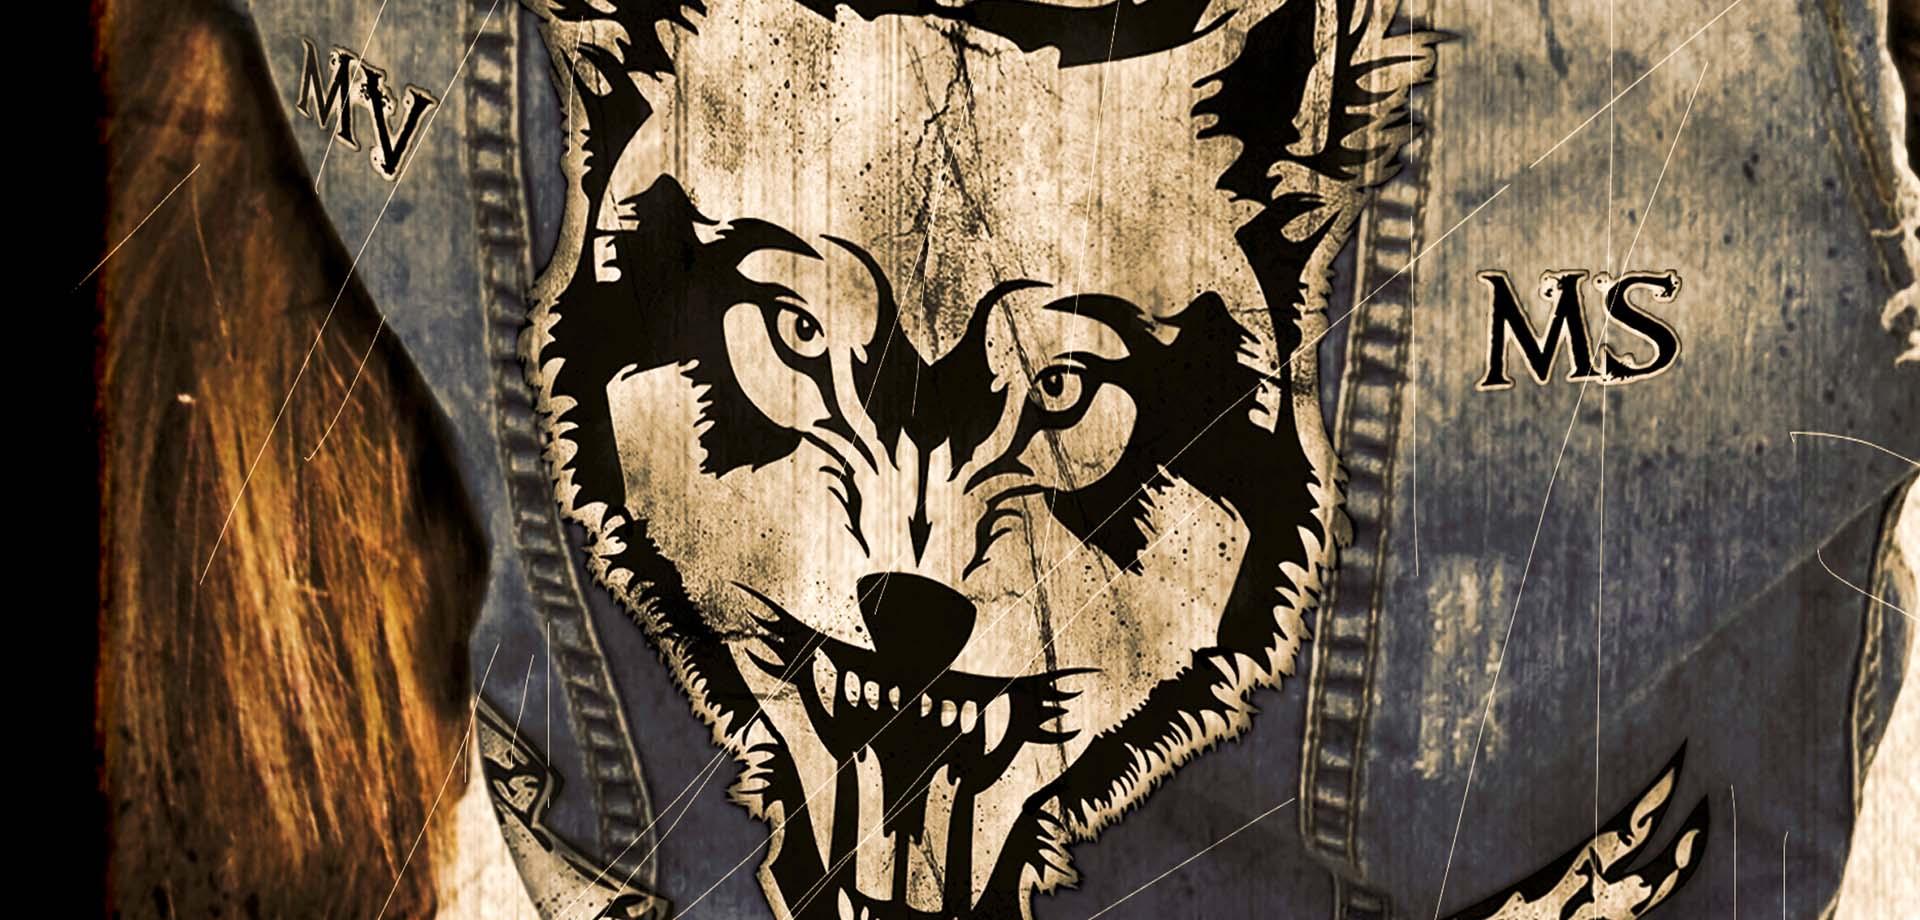 WOLFPAKK - Wolves Reign